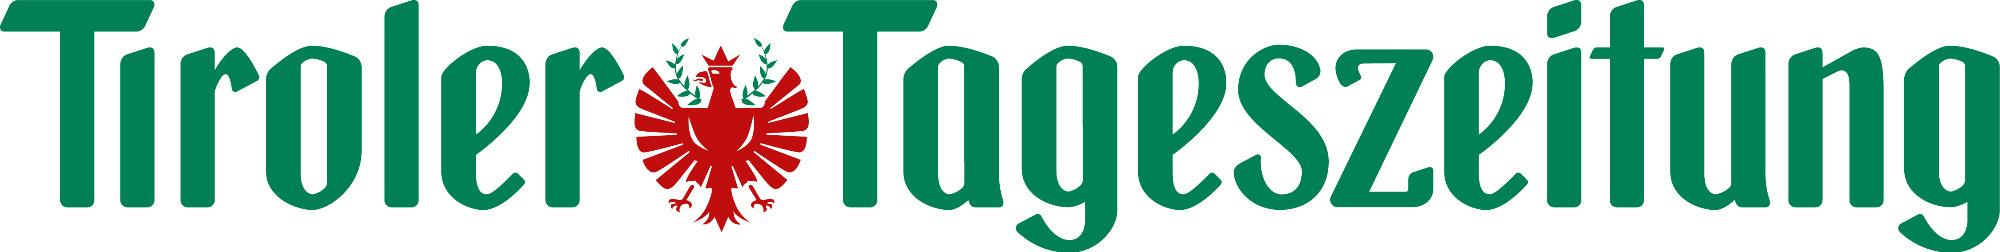 Logoleiste tt lc